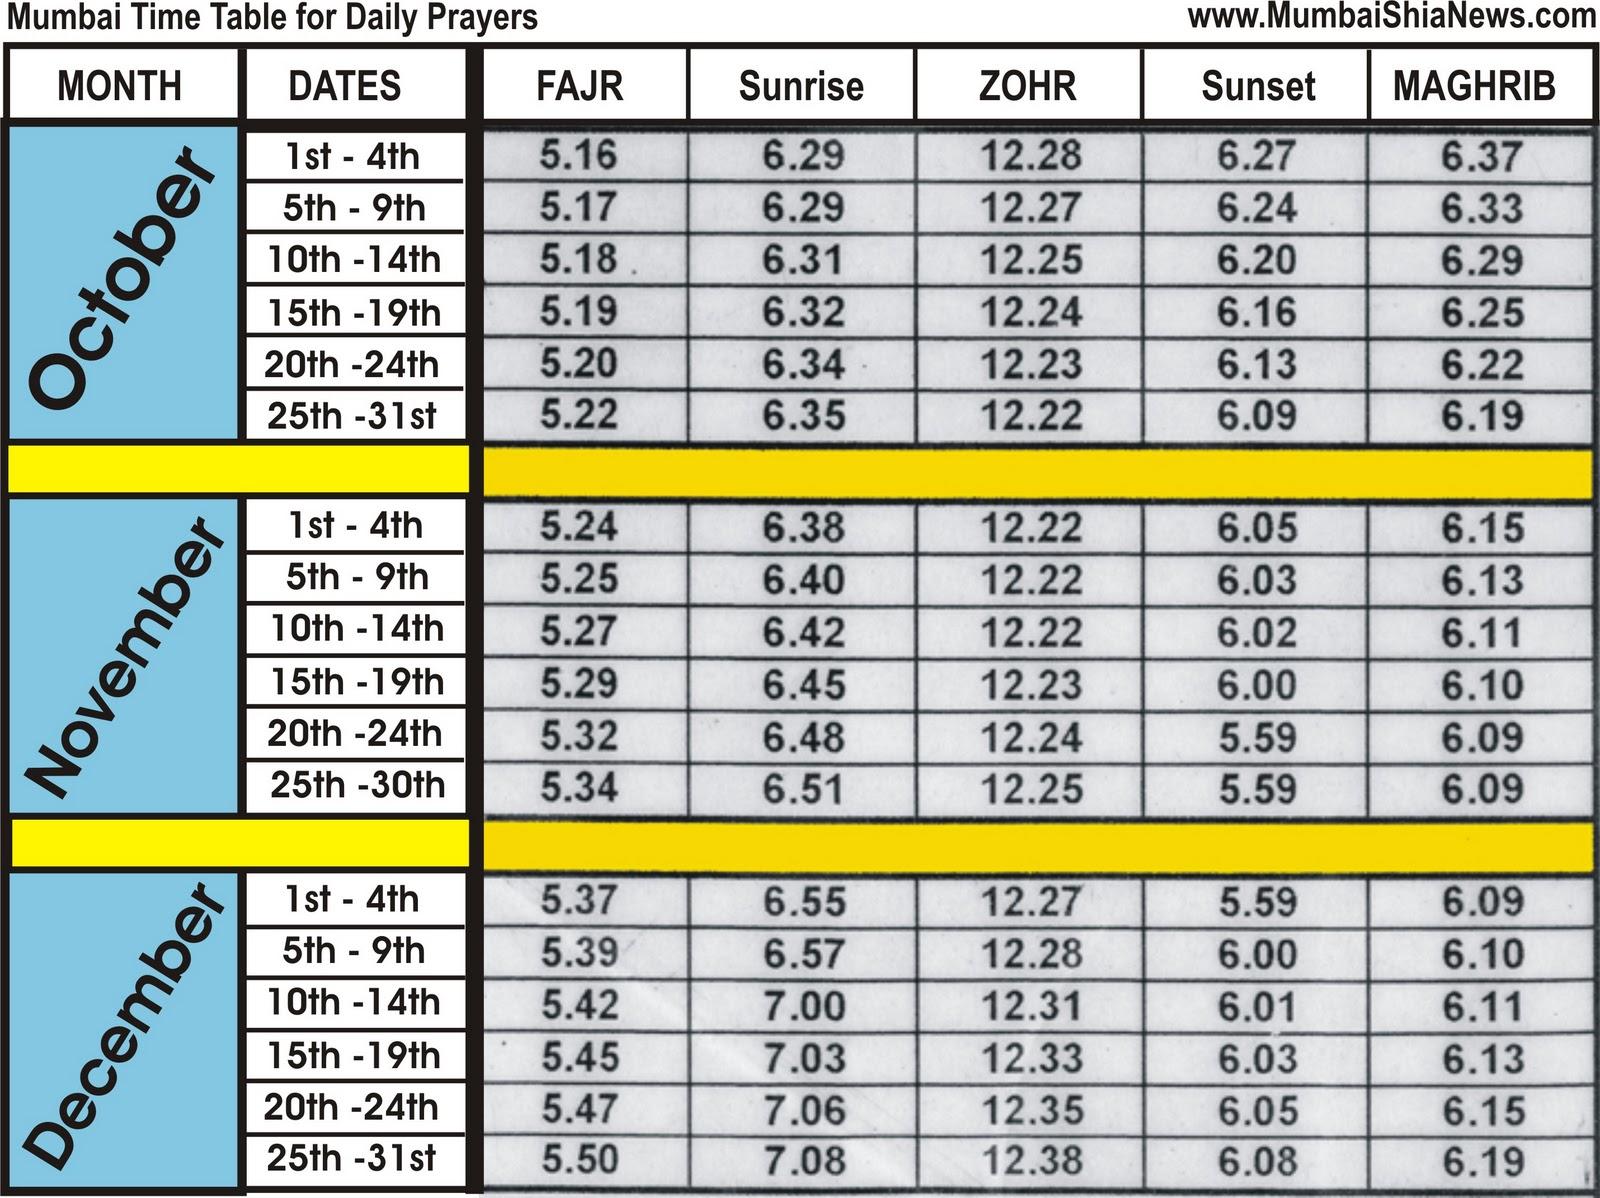 Mumbai Shia News: Namaaz (Salaat) Time-Table for Mumbai City